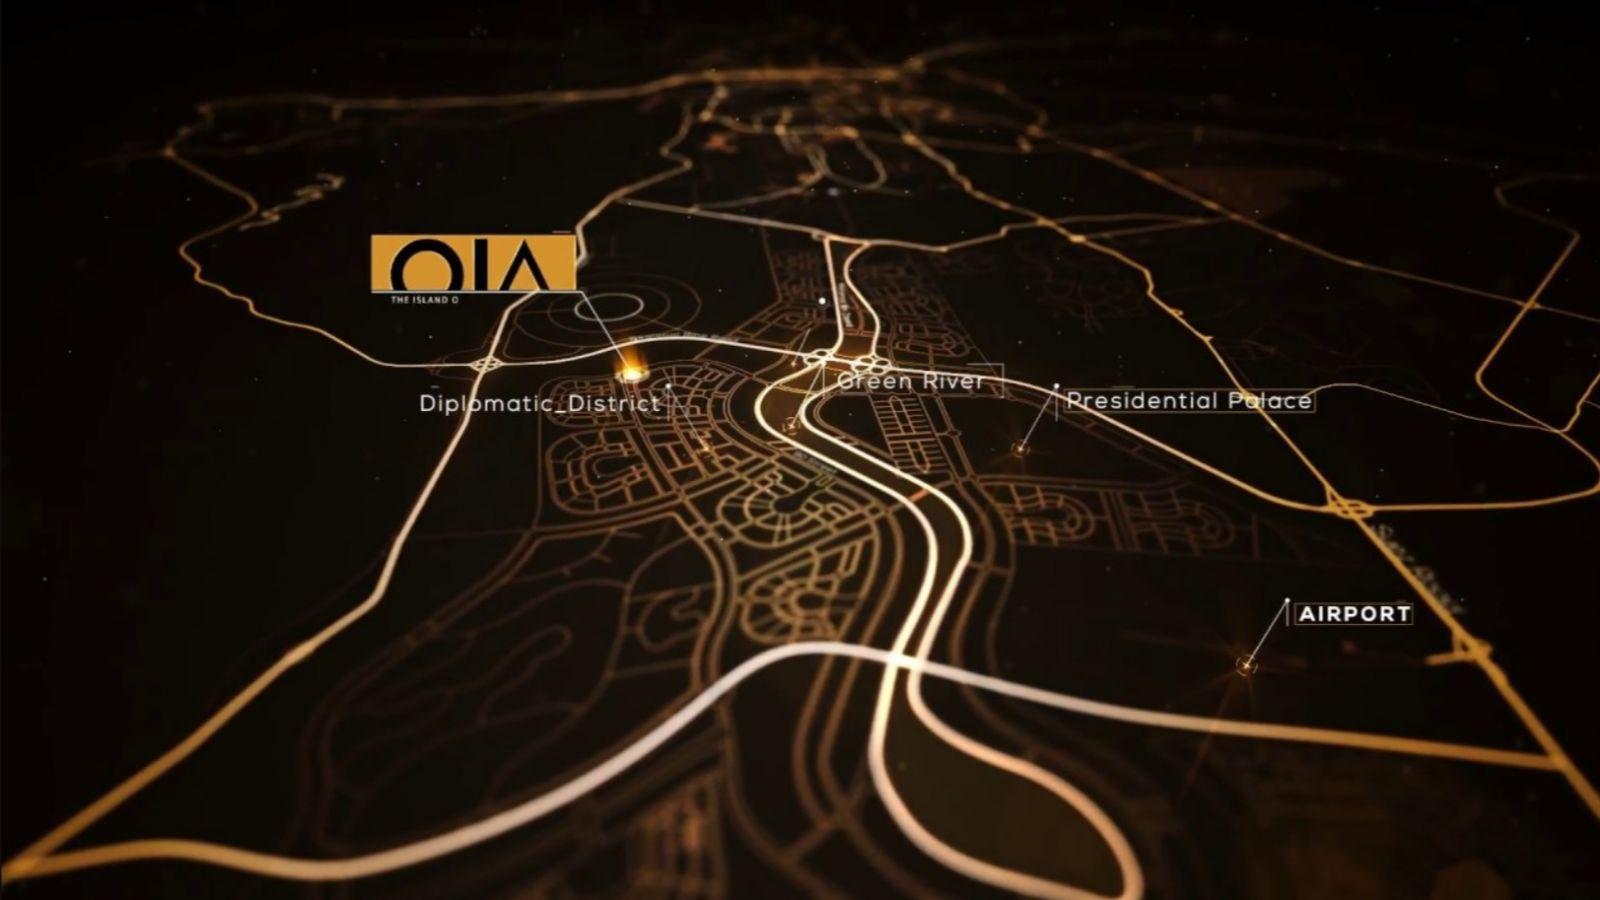 oia-location